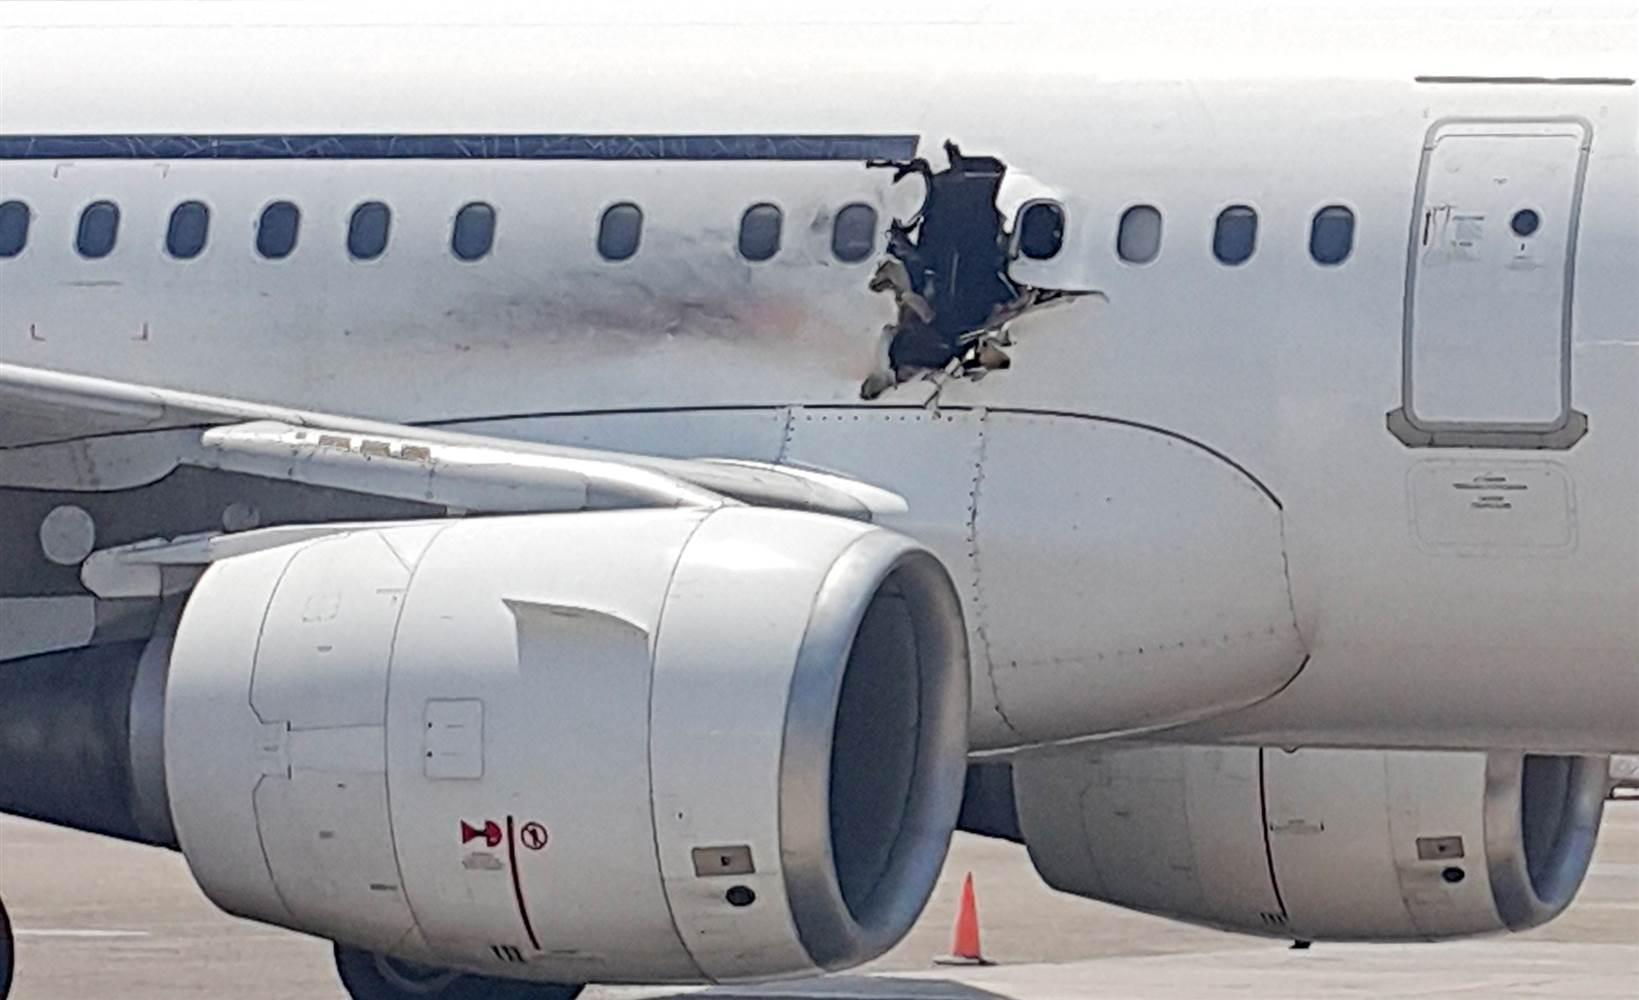 160204-somalia-airplane-emergency-landing-yh-4p_e51cc964796b4fca5898571bdb6f4b17.nbcnews-ux-2880-1000